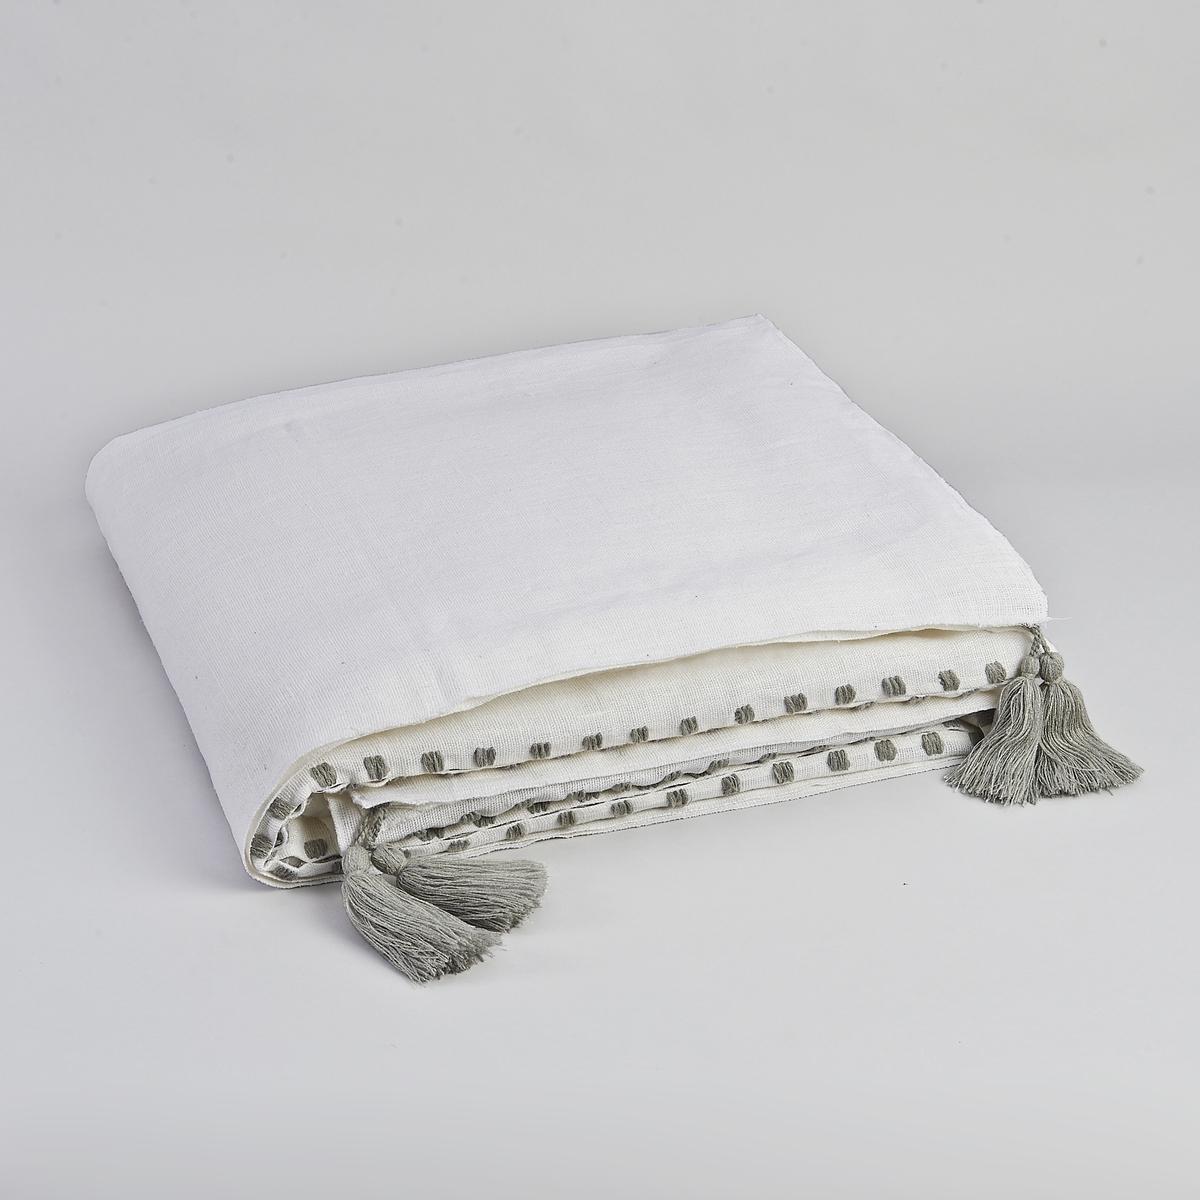 Покрывало Yegara от дизайнера В. БарковскиСостав :100% лен с вышивкой серого цвета и помпонами в каждом углу из 100% акрила.Уход :Стирка при 30°Размеры :180 x 230 см<br><br>Цвет: экрю